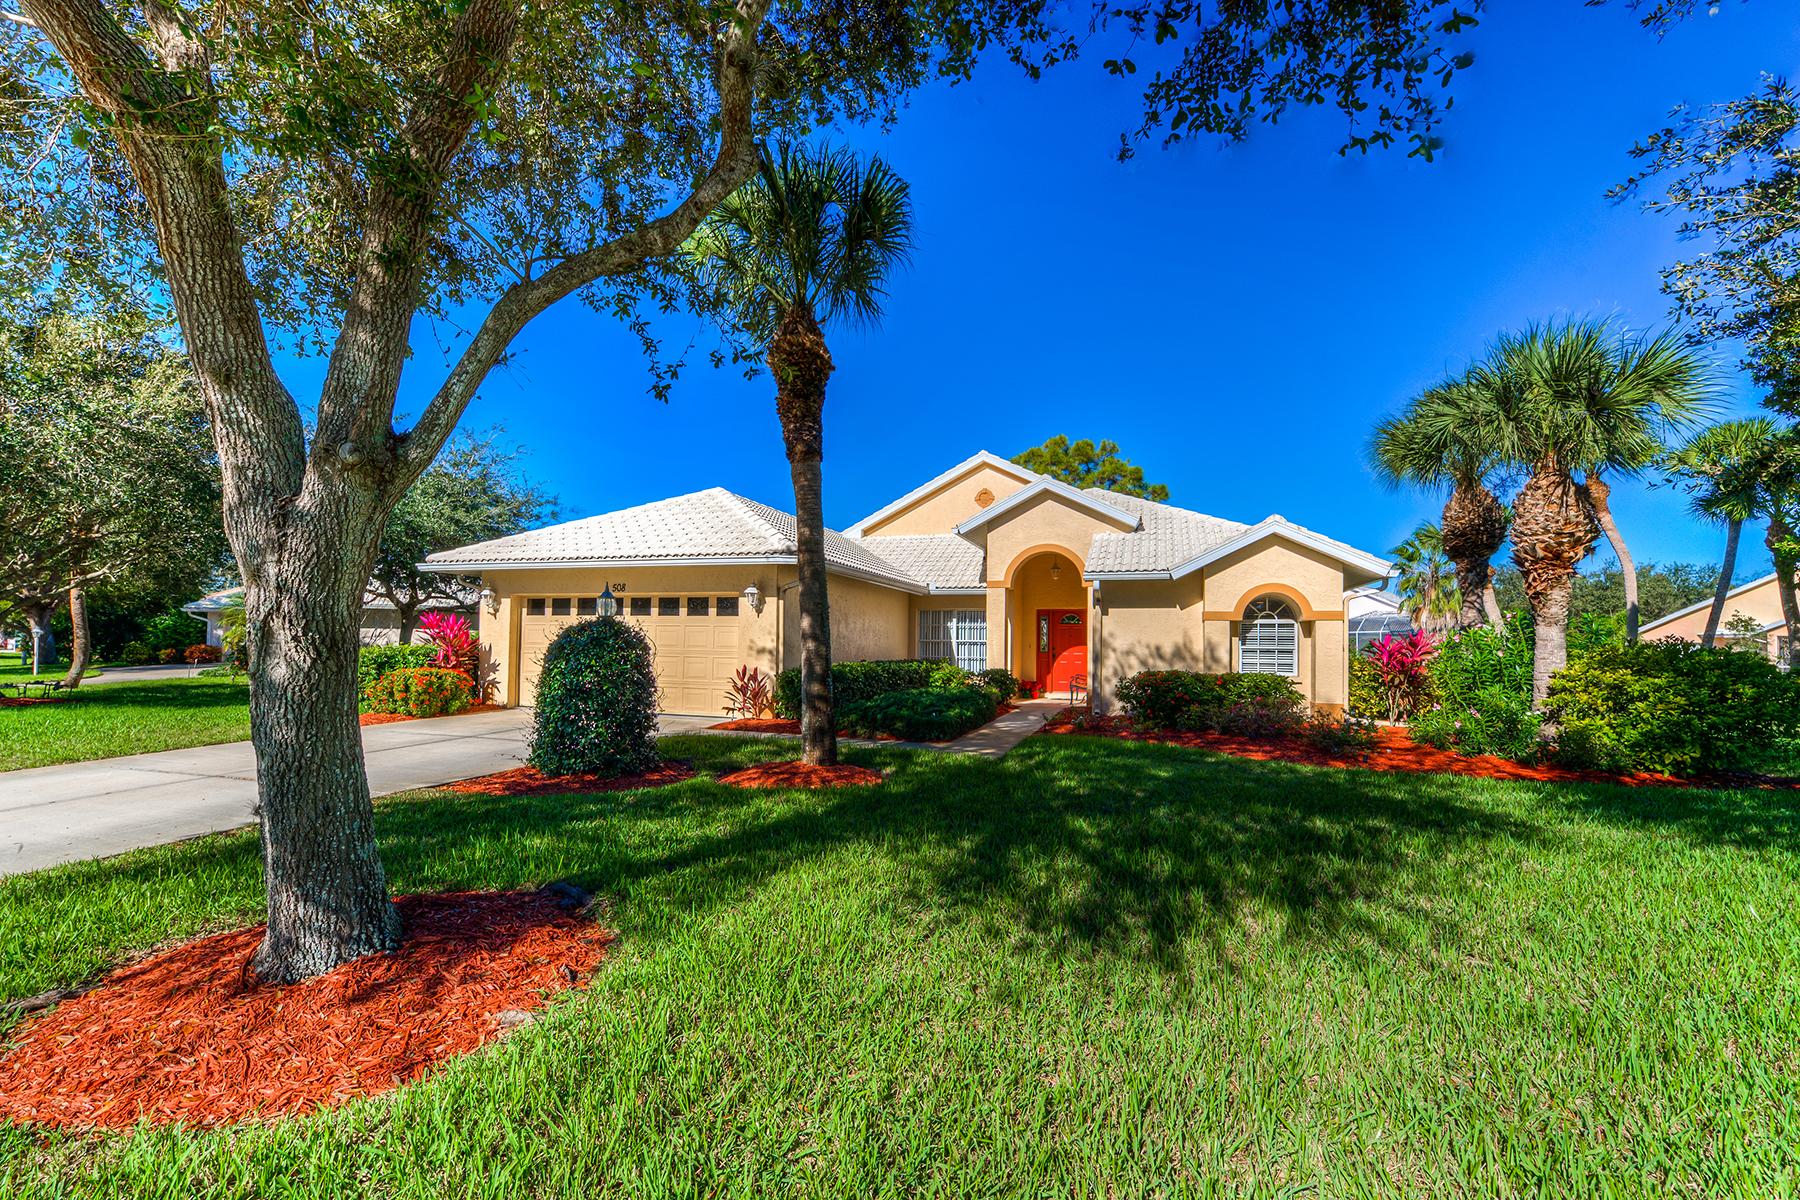 Частный односемейный дом для того Продажа на NOKOMIS OAKS 508 Jenny Dr Nokomis, Флорида, 34275 Соединенные Штаты